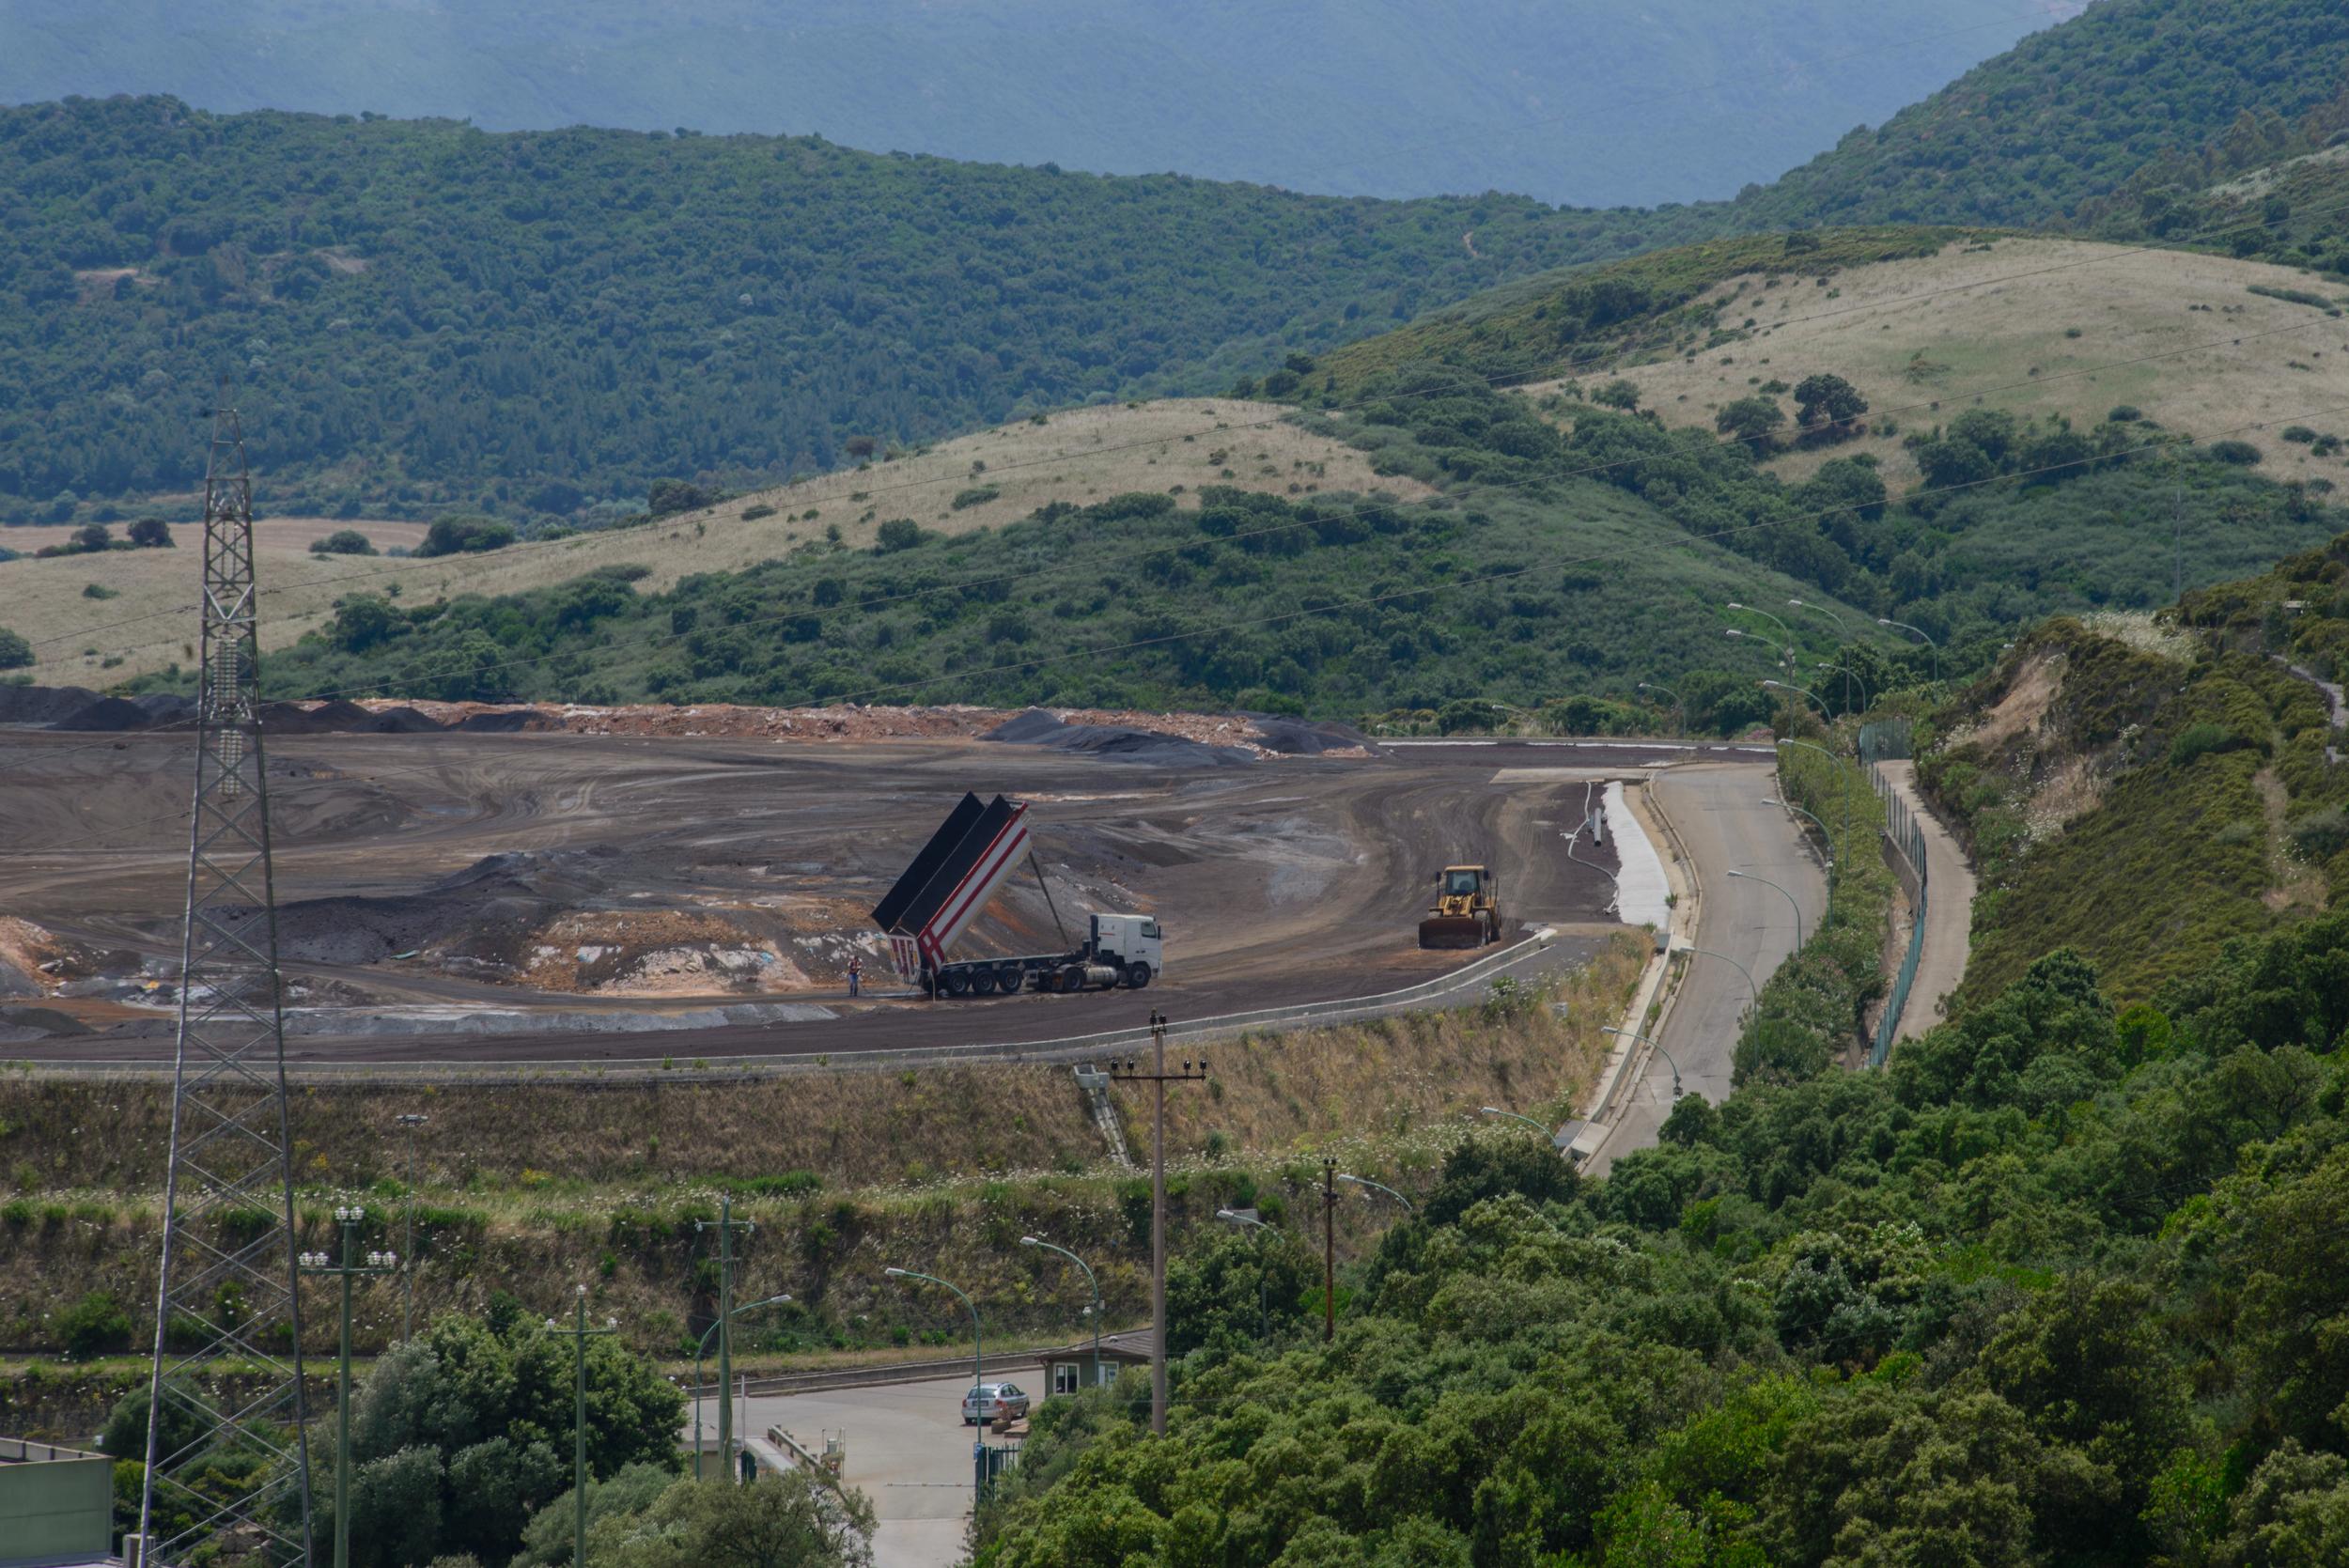 Genna Luas, exminiera estrattiva di zinco e ferronel cuore di selvaggi boschi collinosi e a soli venti chilometridallo stabilimento, èdal 2002 la discarica in cui la Portovesme Srl stocca gli scarti della lavorazione dei fumi di acciaieria.Nel 2012 lo stabilimento diPortovesme ha trattato 215 mila tonnellate di fumi d'acciaieria estraendone zinco, le 100 mila tonnellate di scarti sono stati depositati a Genna Luas. L'incremento produttivo della fabbrica significa aumento di smaltimento delle scorie e quindi la necessaria espansione della discarica.Lo scorso mese di ottobre sono iniziati i lavori di ampliamento della discaricaper la costruzione dell'ottavo argine che saràlungo894 metri,alto 5 echesi poggerà sulle scorie stipatenel settimo anello. Nella delibera n.17/29 del 15/05/2014 della Giunta Regionale è chiaro che conl'ampliamento di Genna Luassi prevedelo smaltimentoquidi nuovi codici CER. Alcuni di questi sono classificati come pericolosi: miscele bituminose, fanghi prodotti dalle operazioni di risanamento delle acque di falda efanghi contenenti sostanze pericolose dal trattamento dei reflui industriali.